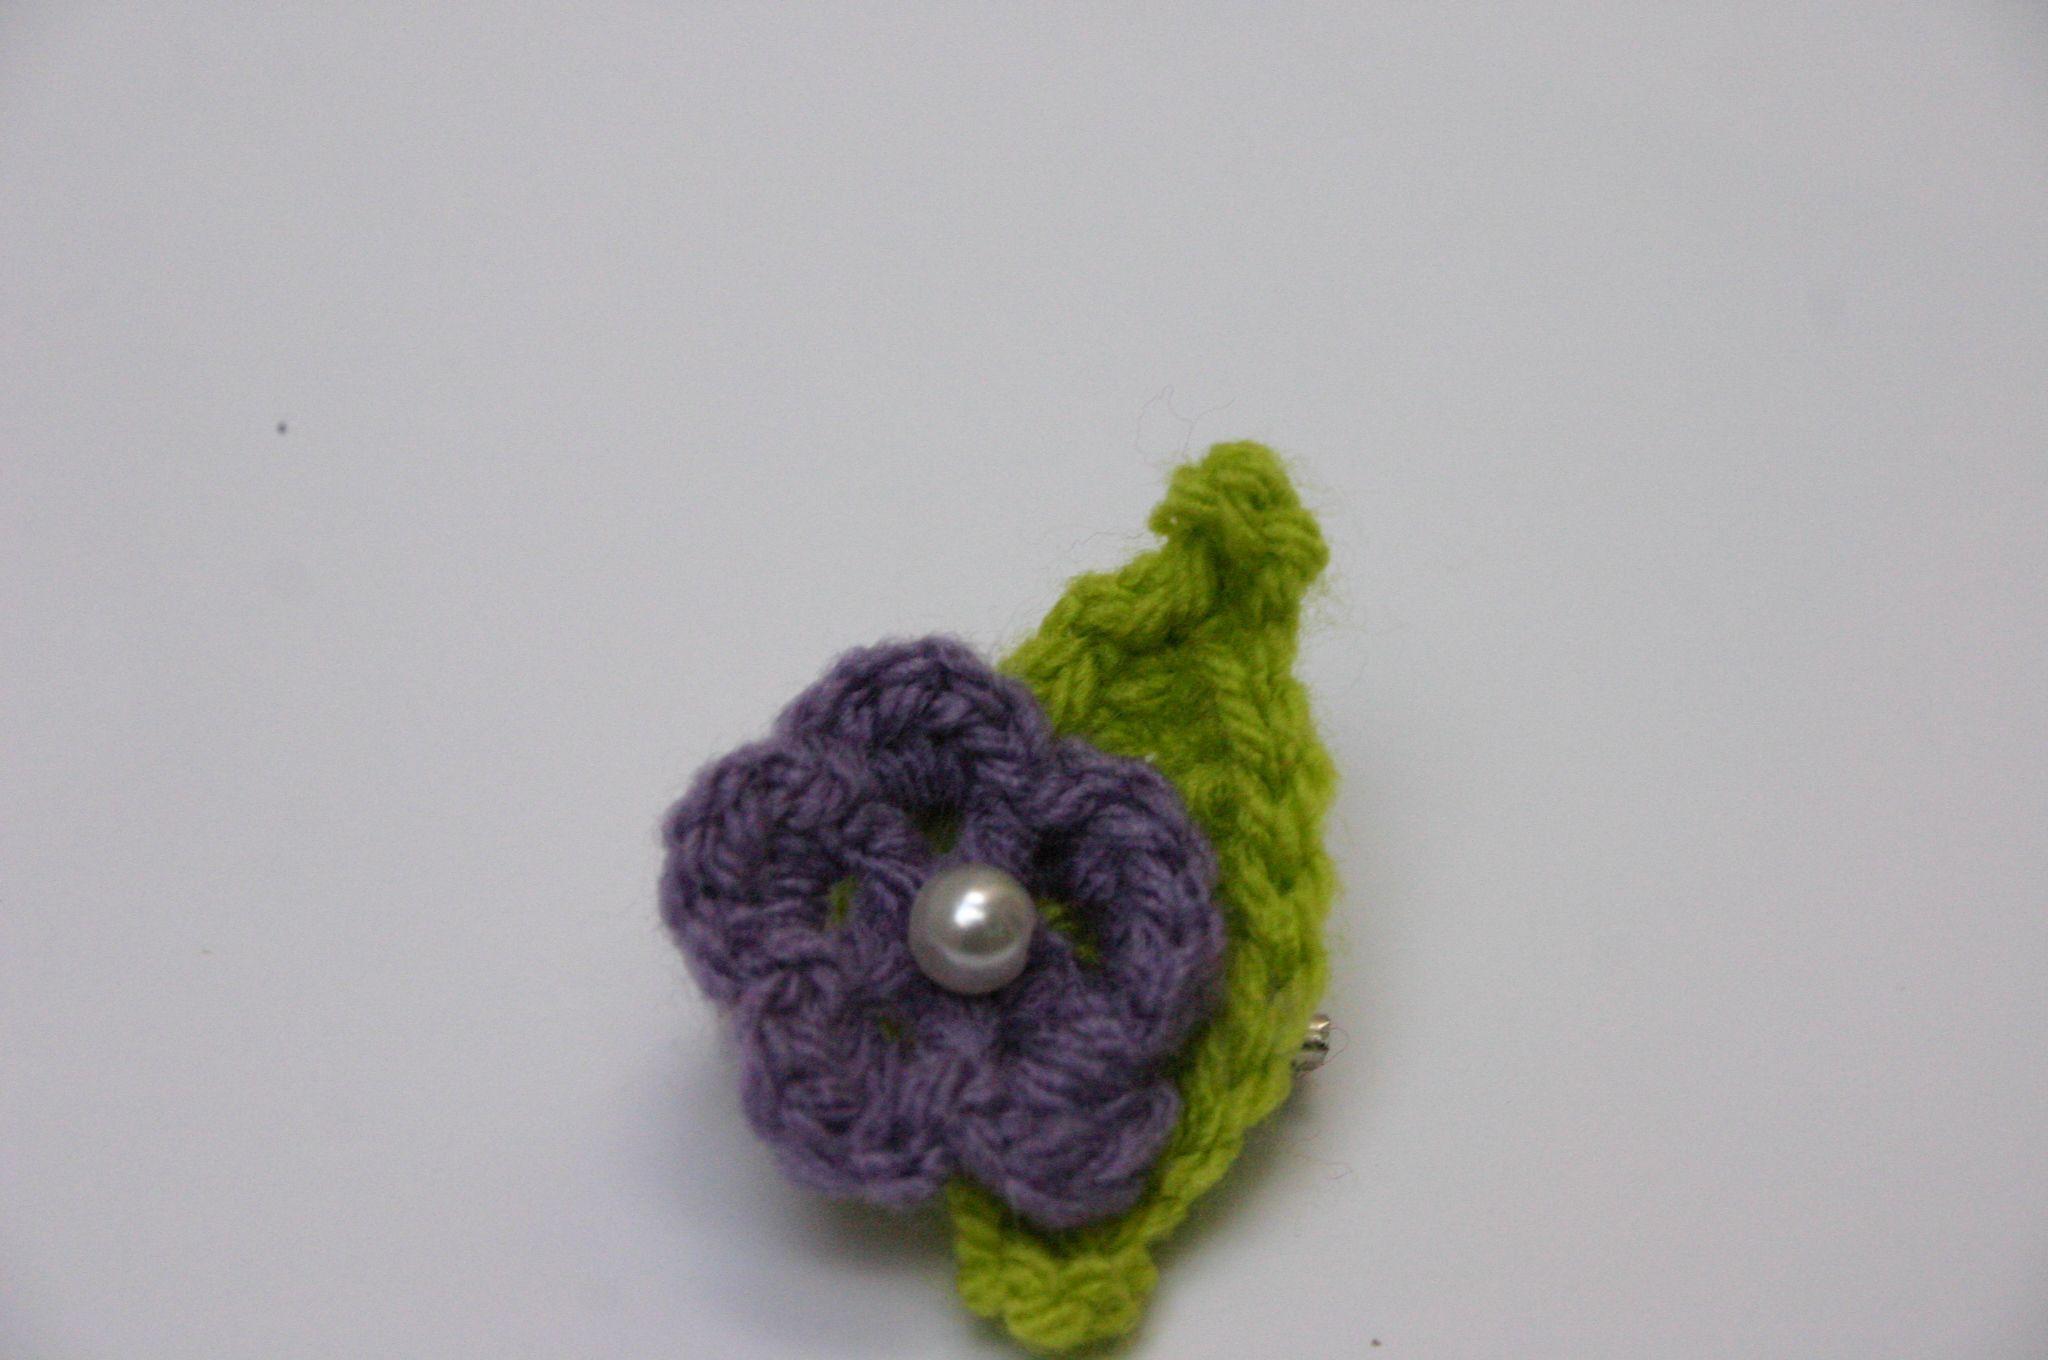 handmade boho flower brooch cotton pattern jewelry crochet plant accessory